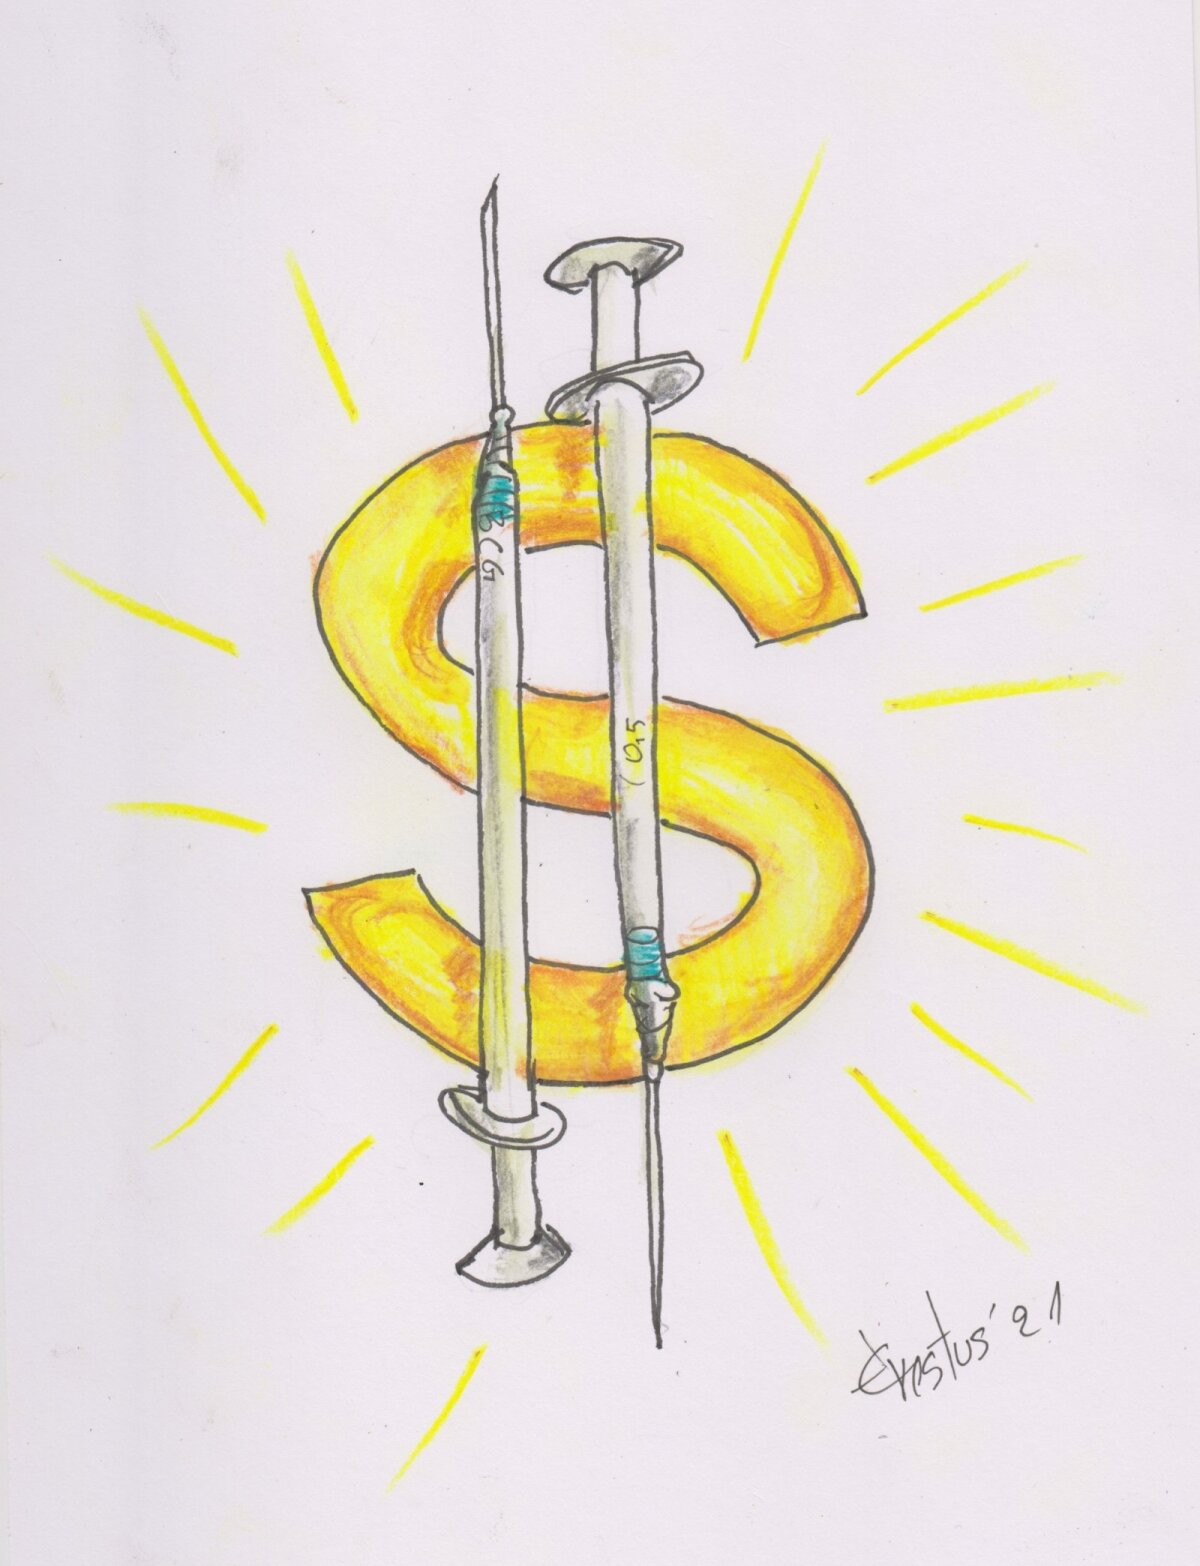 Ameerika teadlased tõestasid hiljuti, et ravimid aitavad kõige rohkem neid, kes ravimeid müüvad.